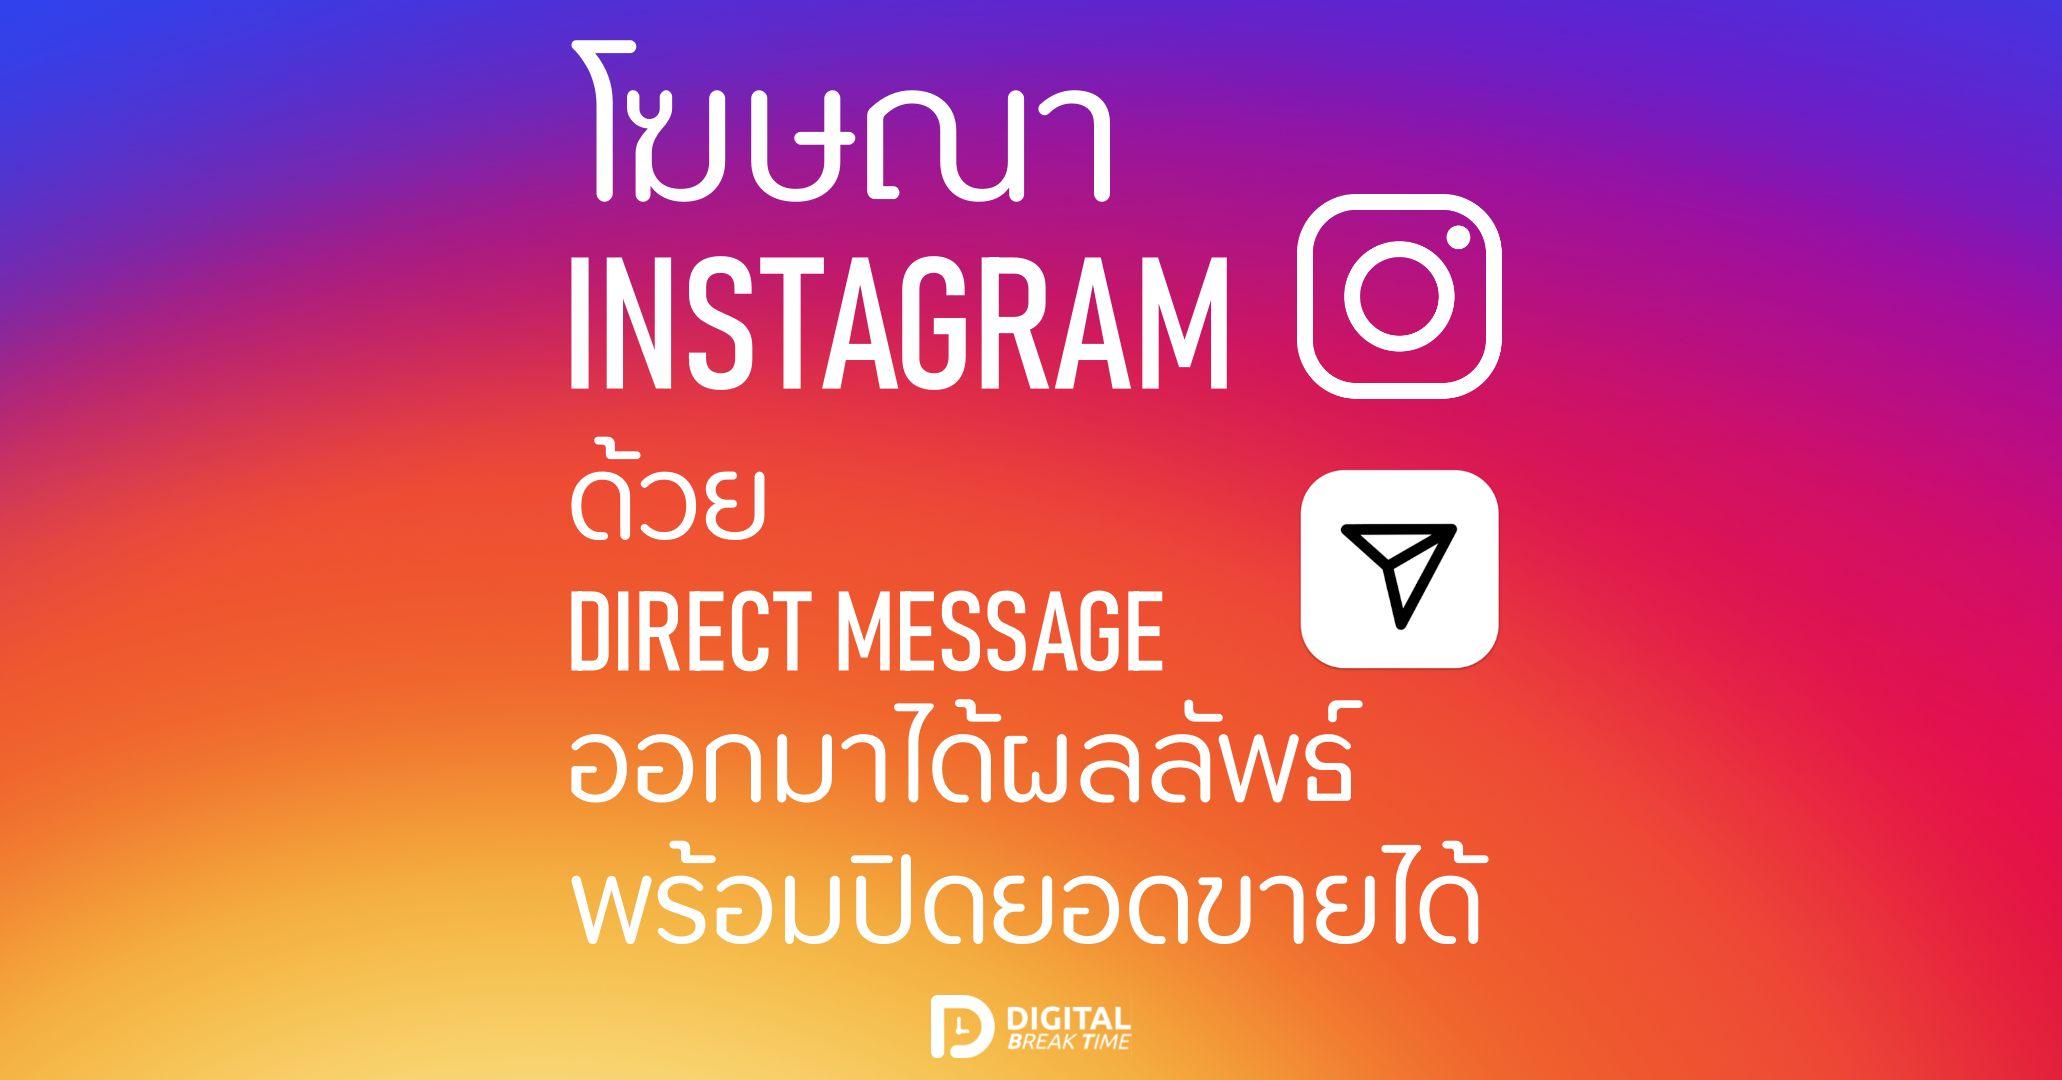 โฆษณา Direct Message Instagram